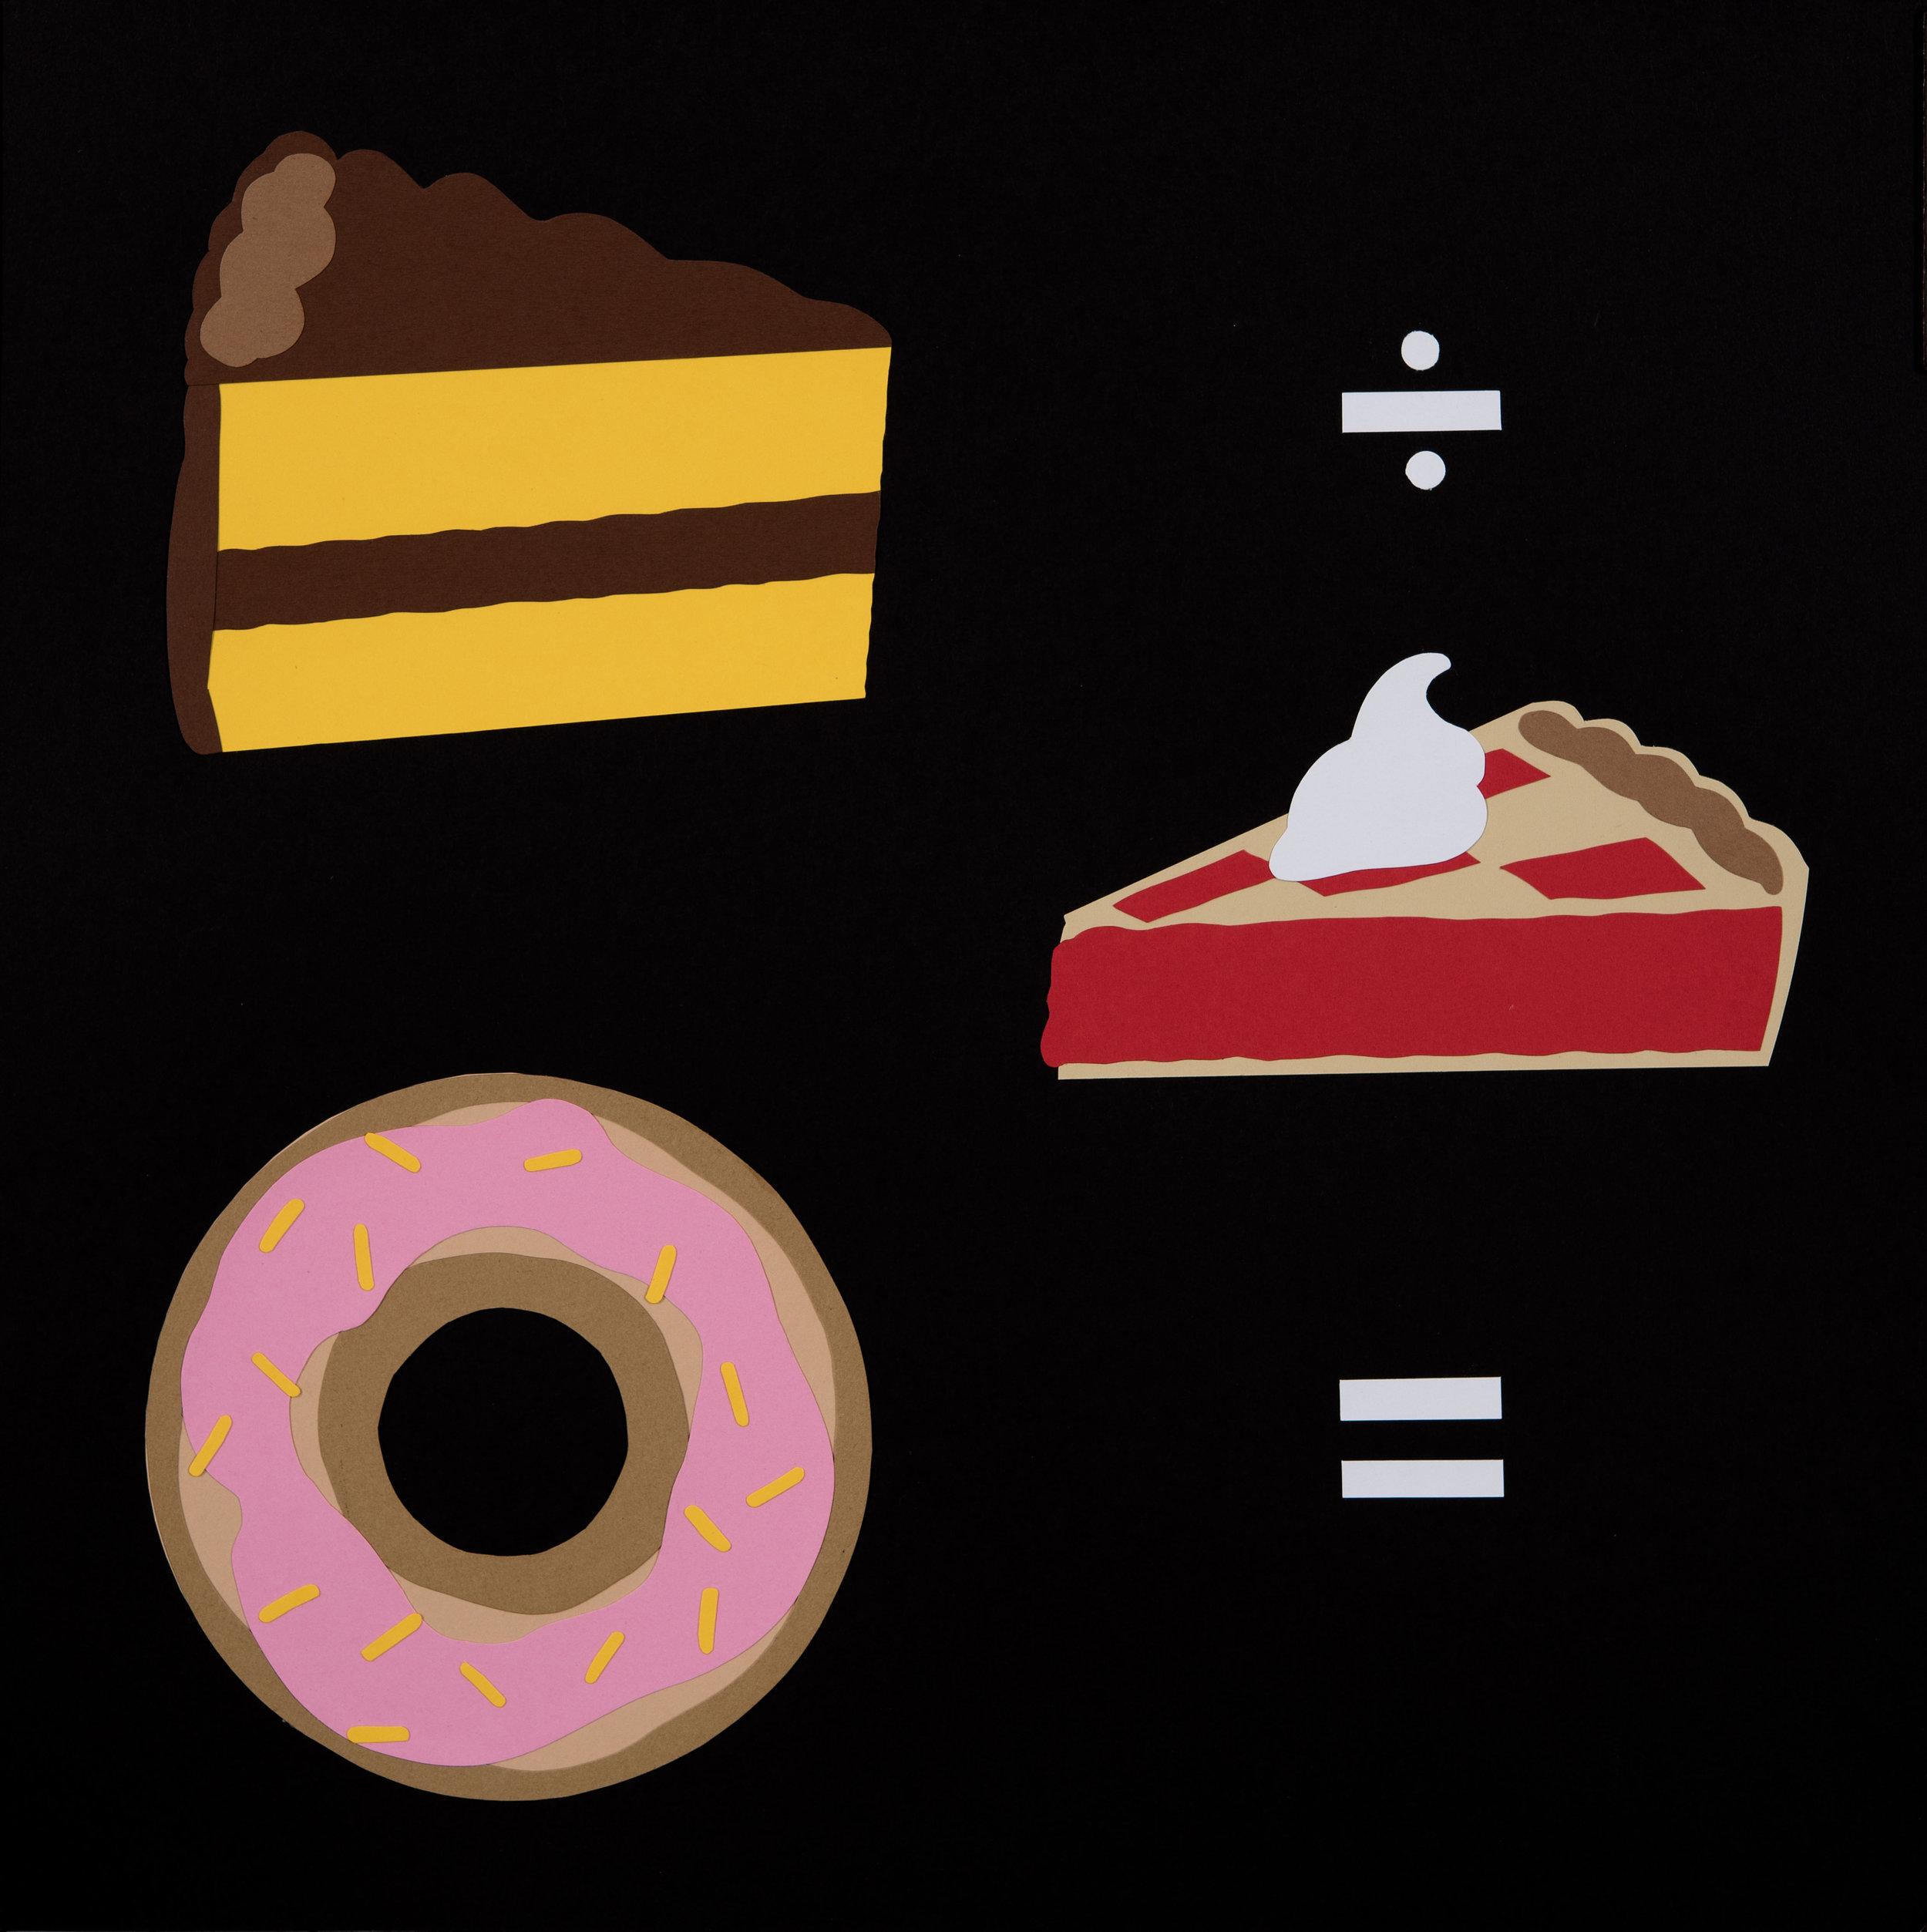 Cake % Pie = Donut